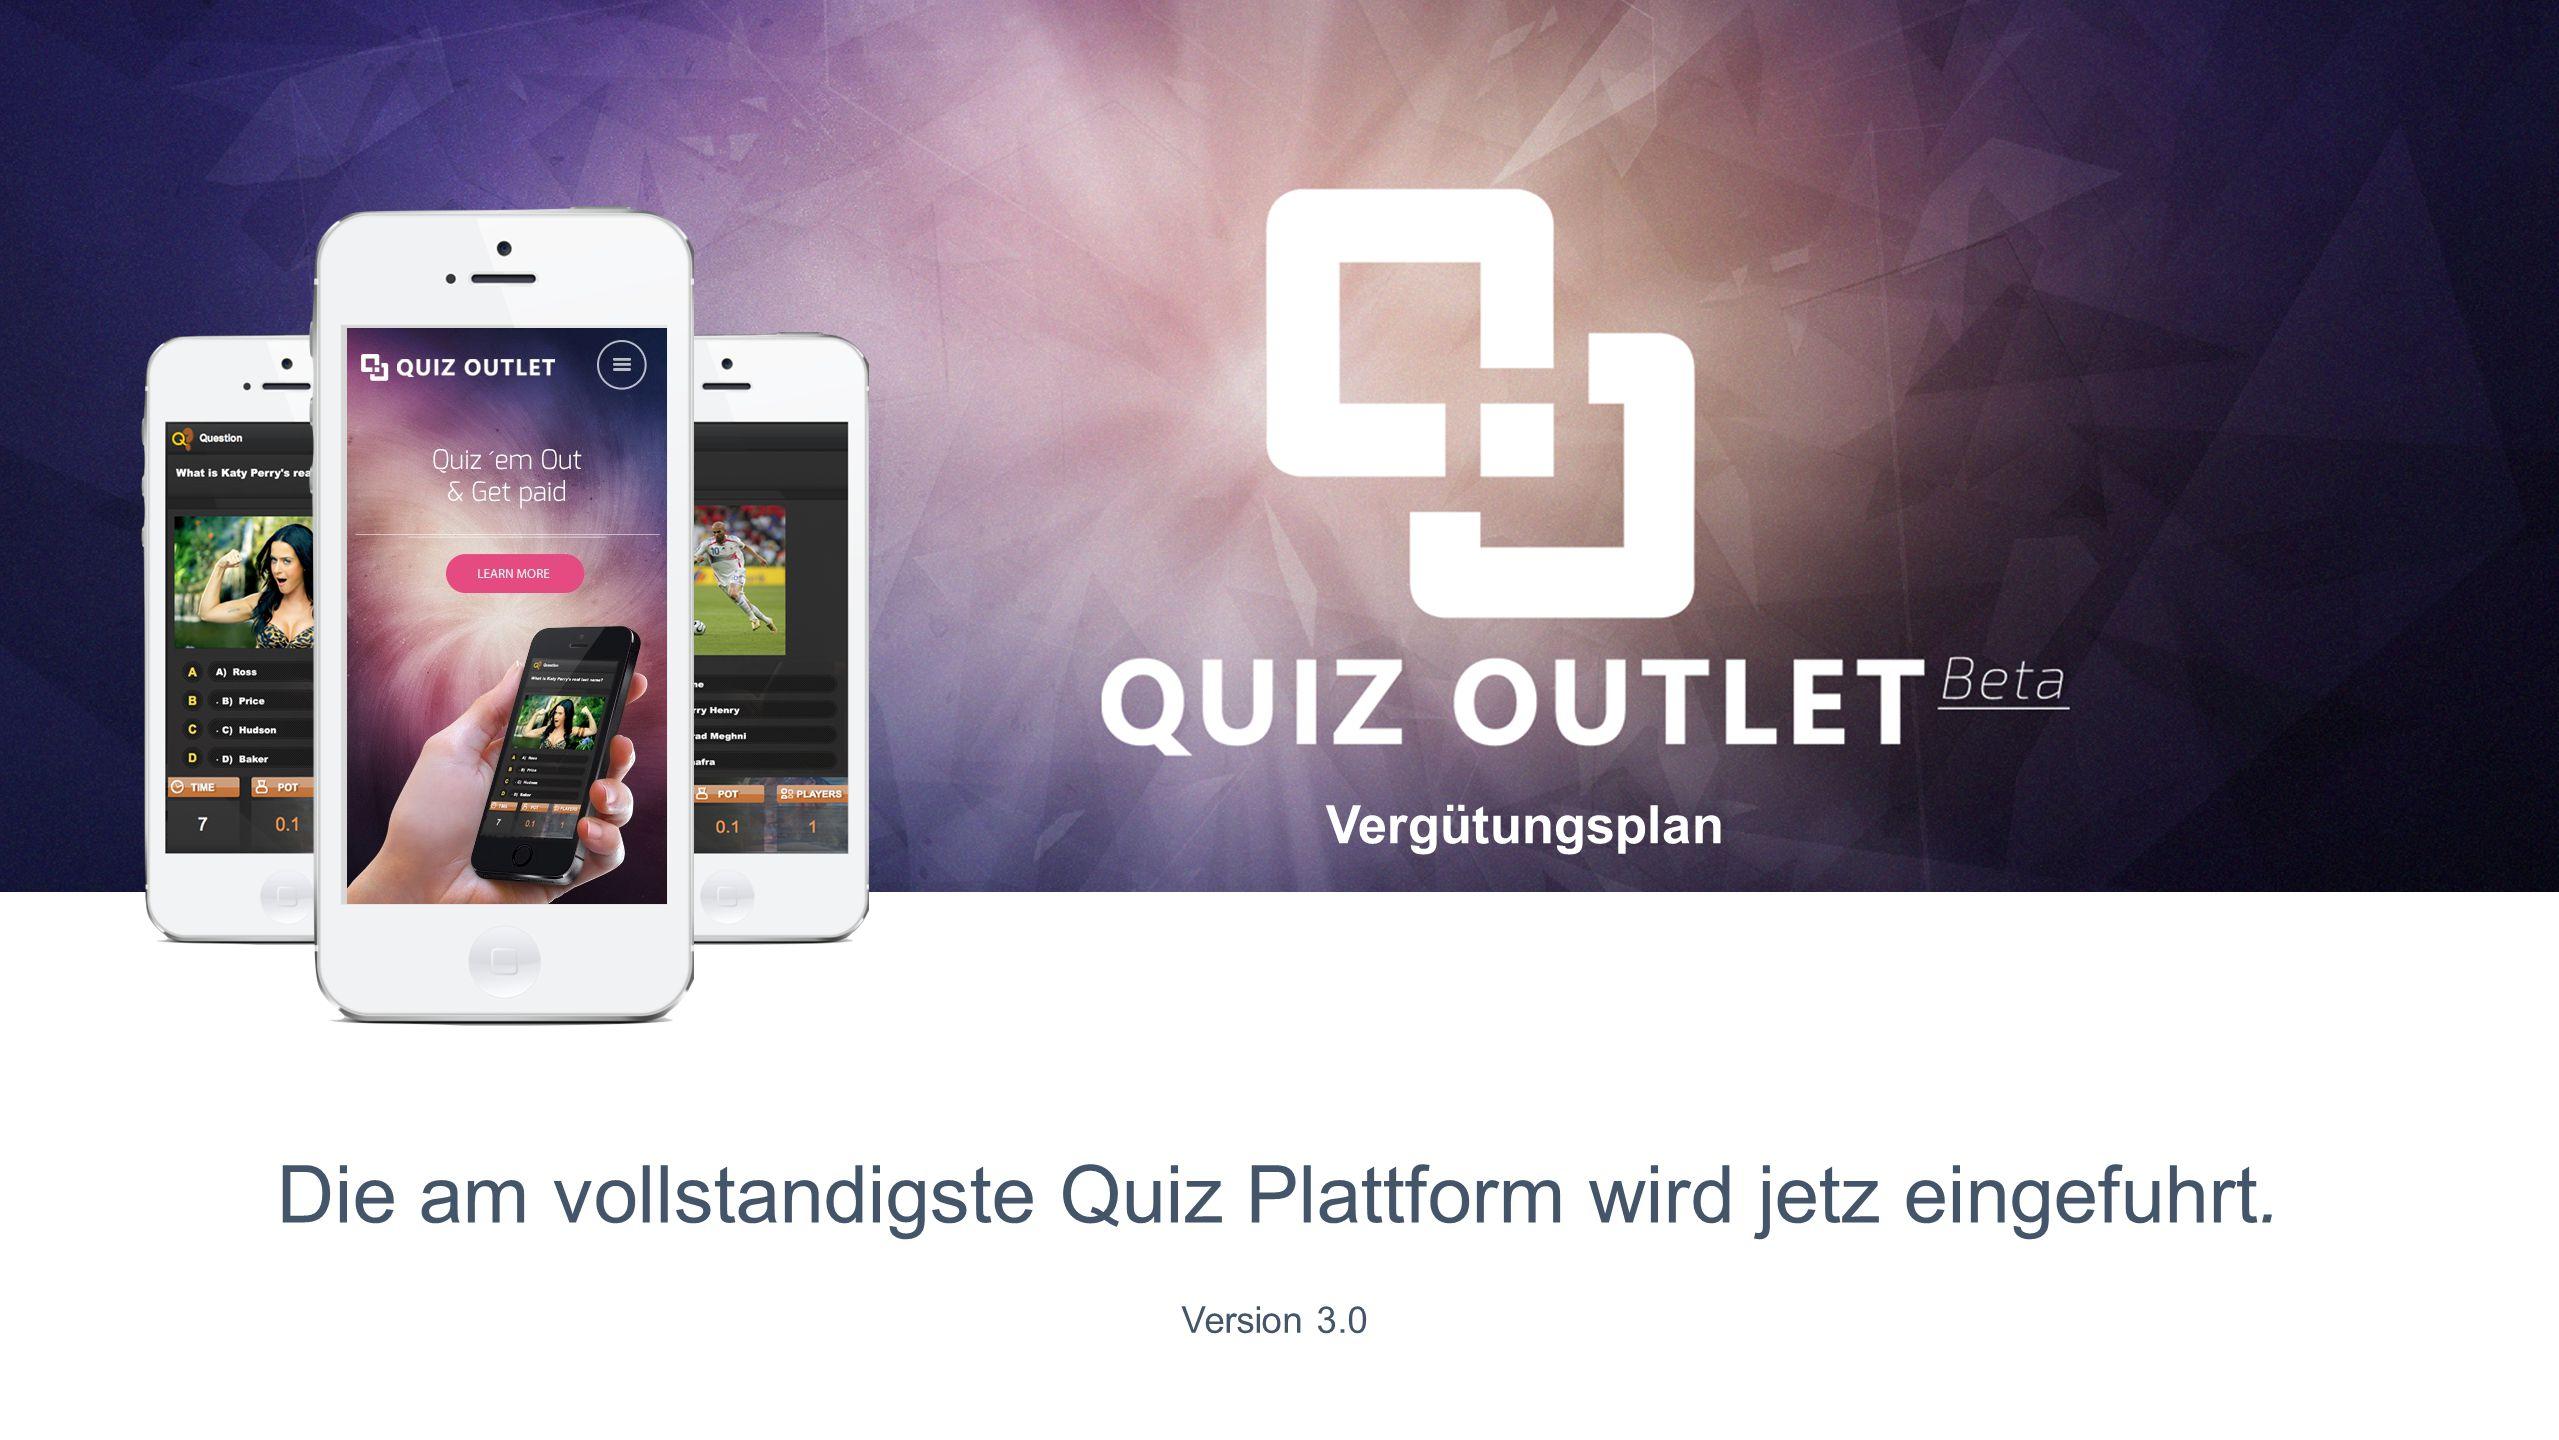 Die am vollstandigste Quiz Plattform wird jetz eingefuhrt. Vergütungsplan Version 3.0